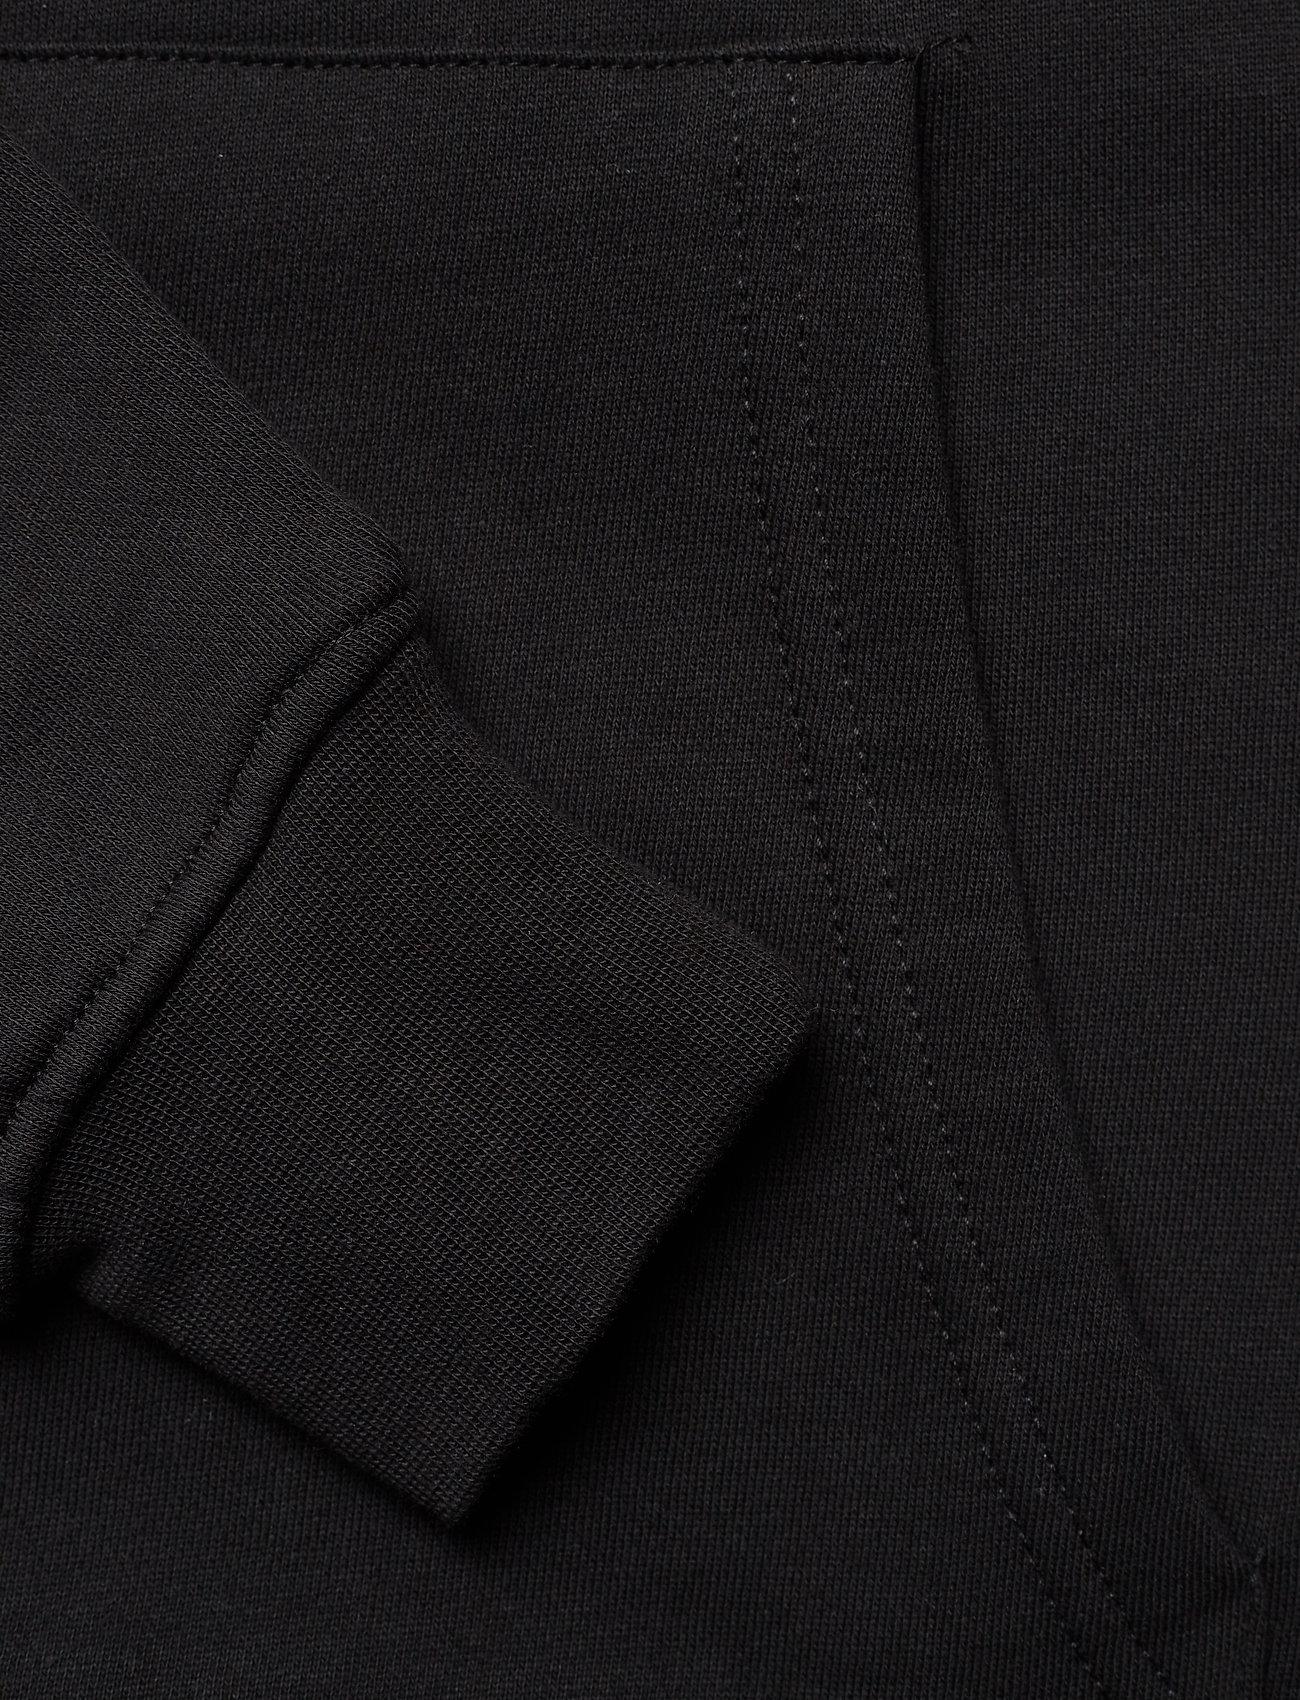 HAN Kjøbenhavn - Casual Hoodie - hoodies - black - 3